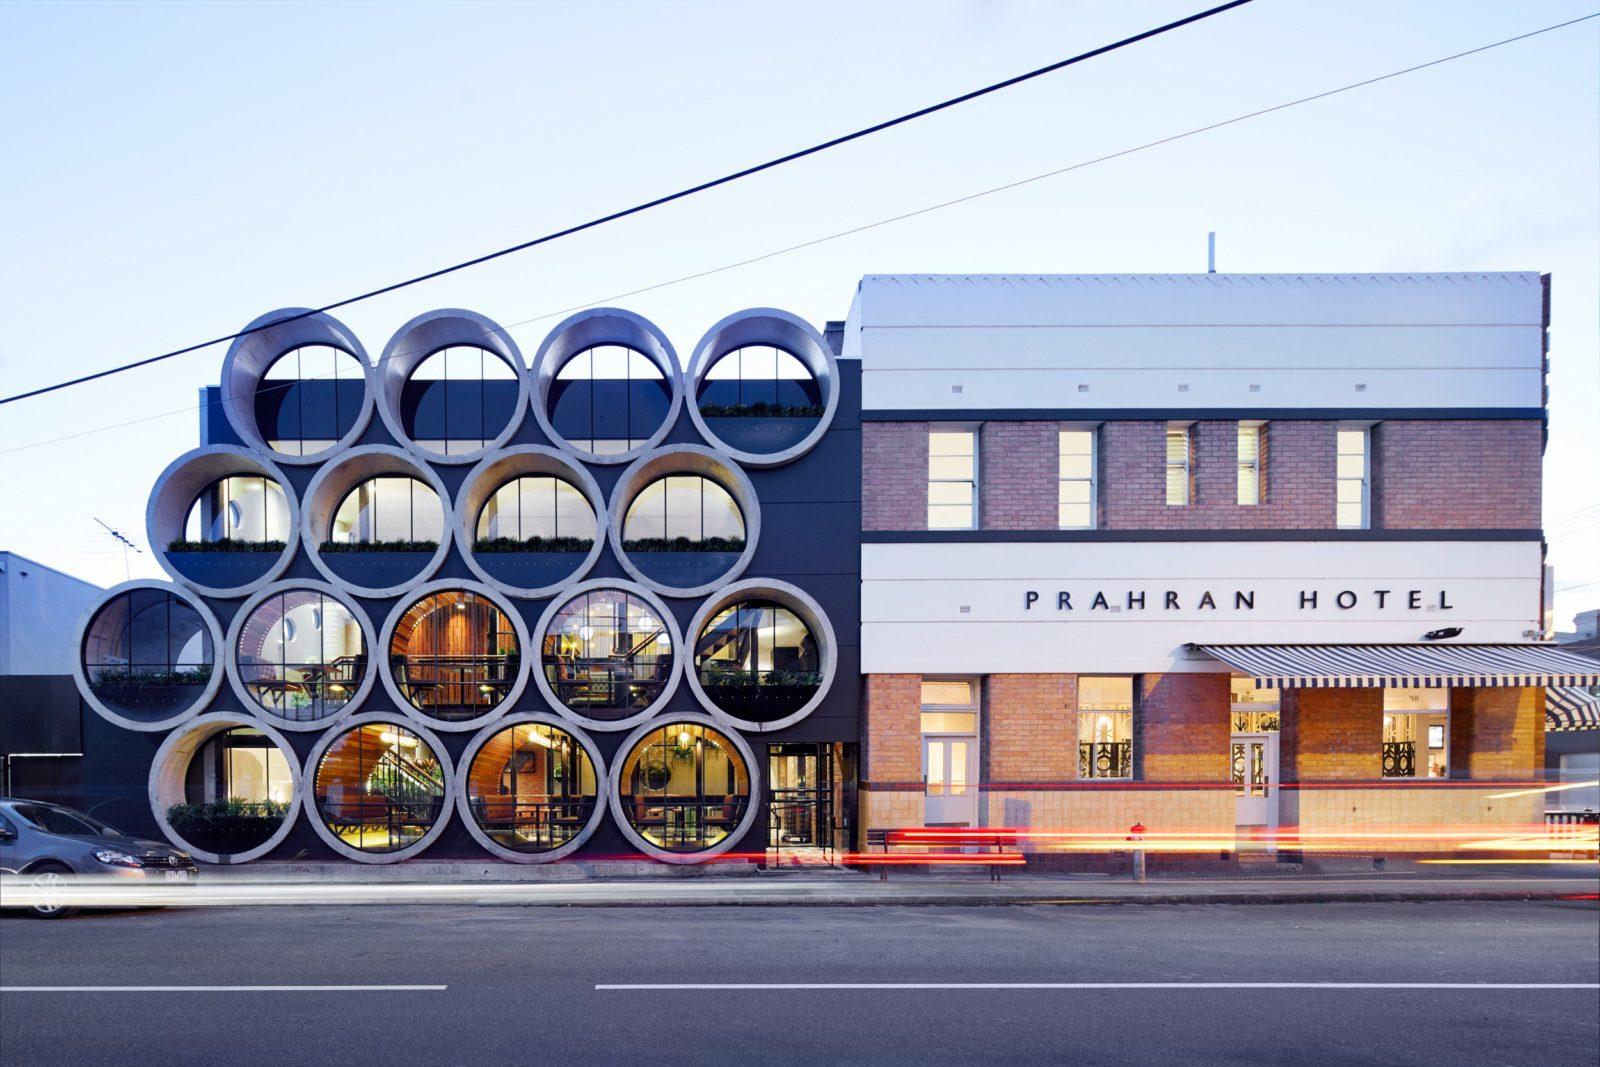 Prahran Hotel Facade